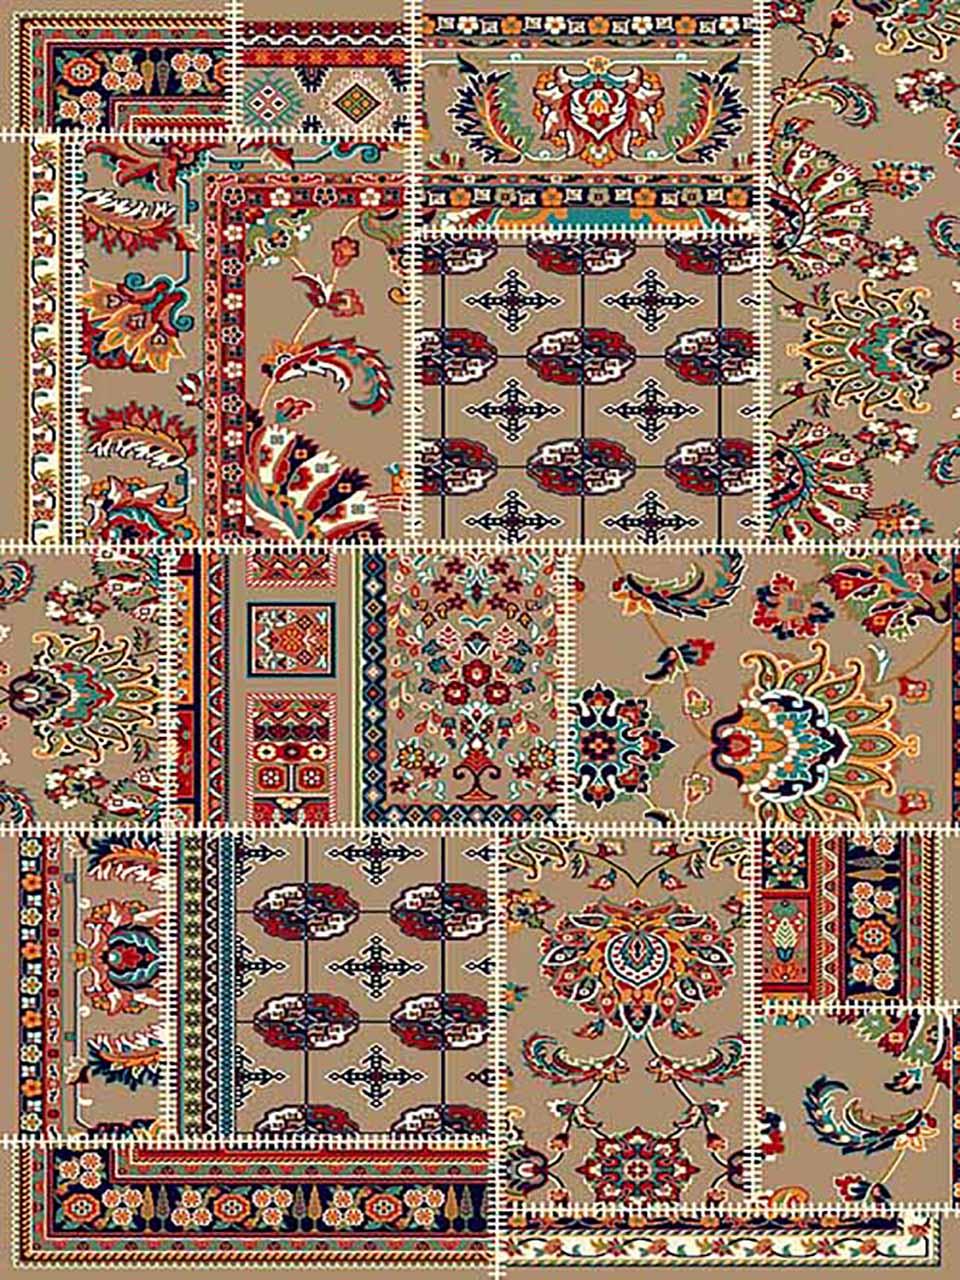 فرش (258) پلی پروپیلن - 8 رنگ - 320 شانه - بژ - تراکم 960